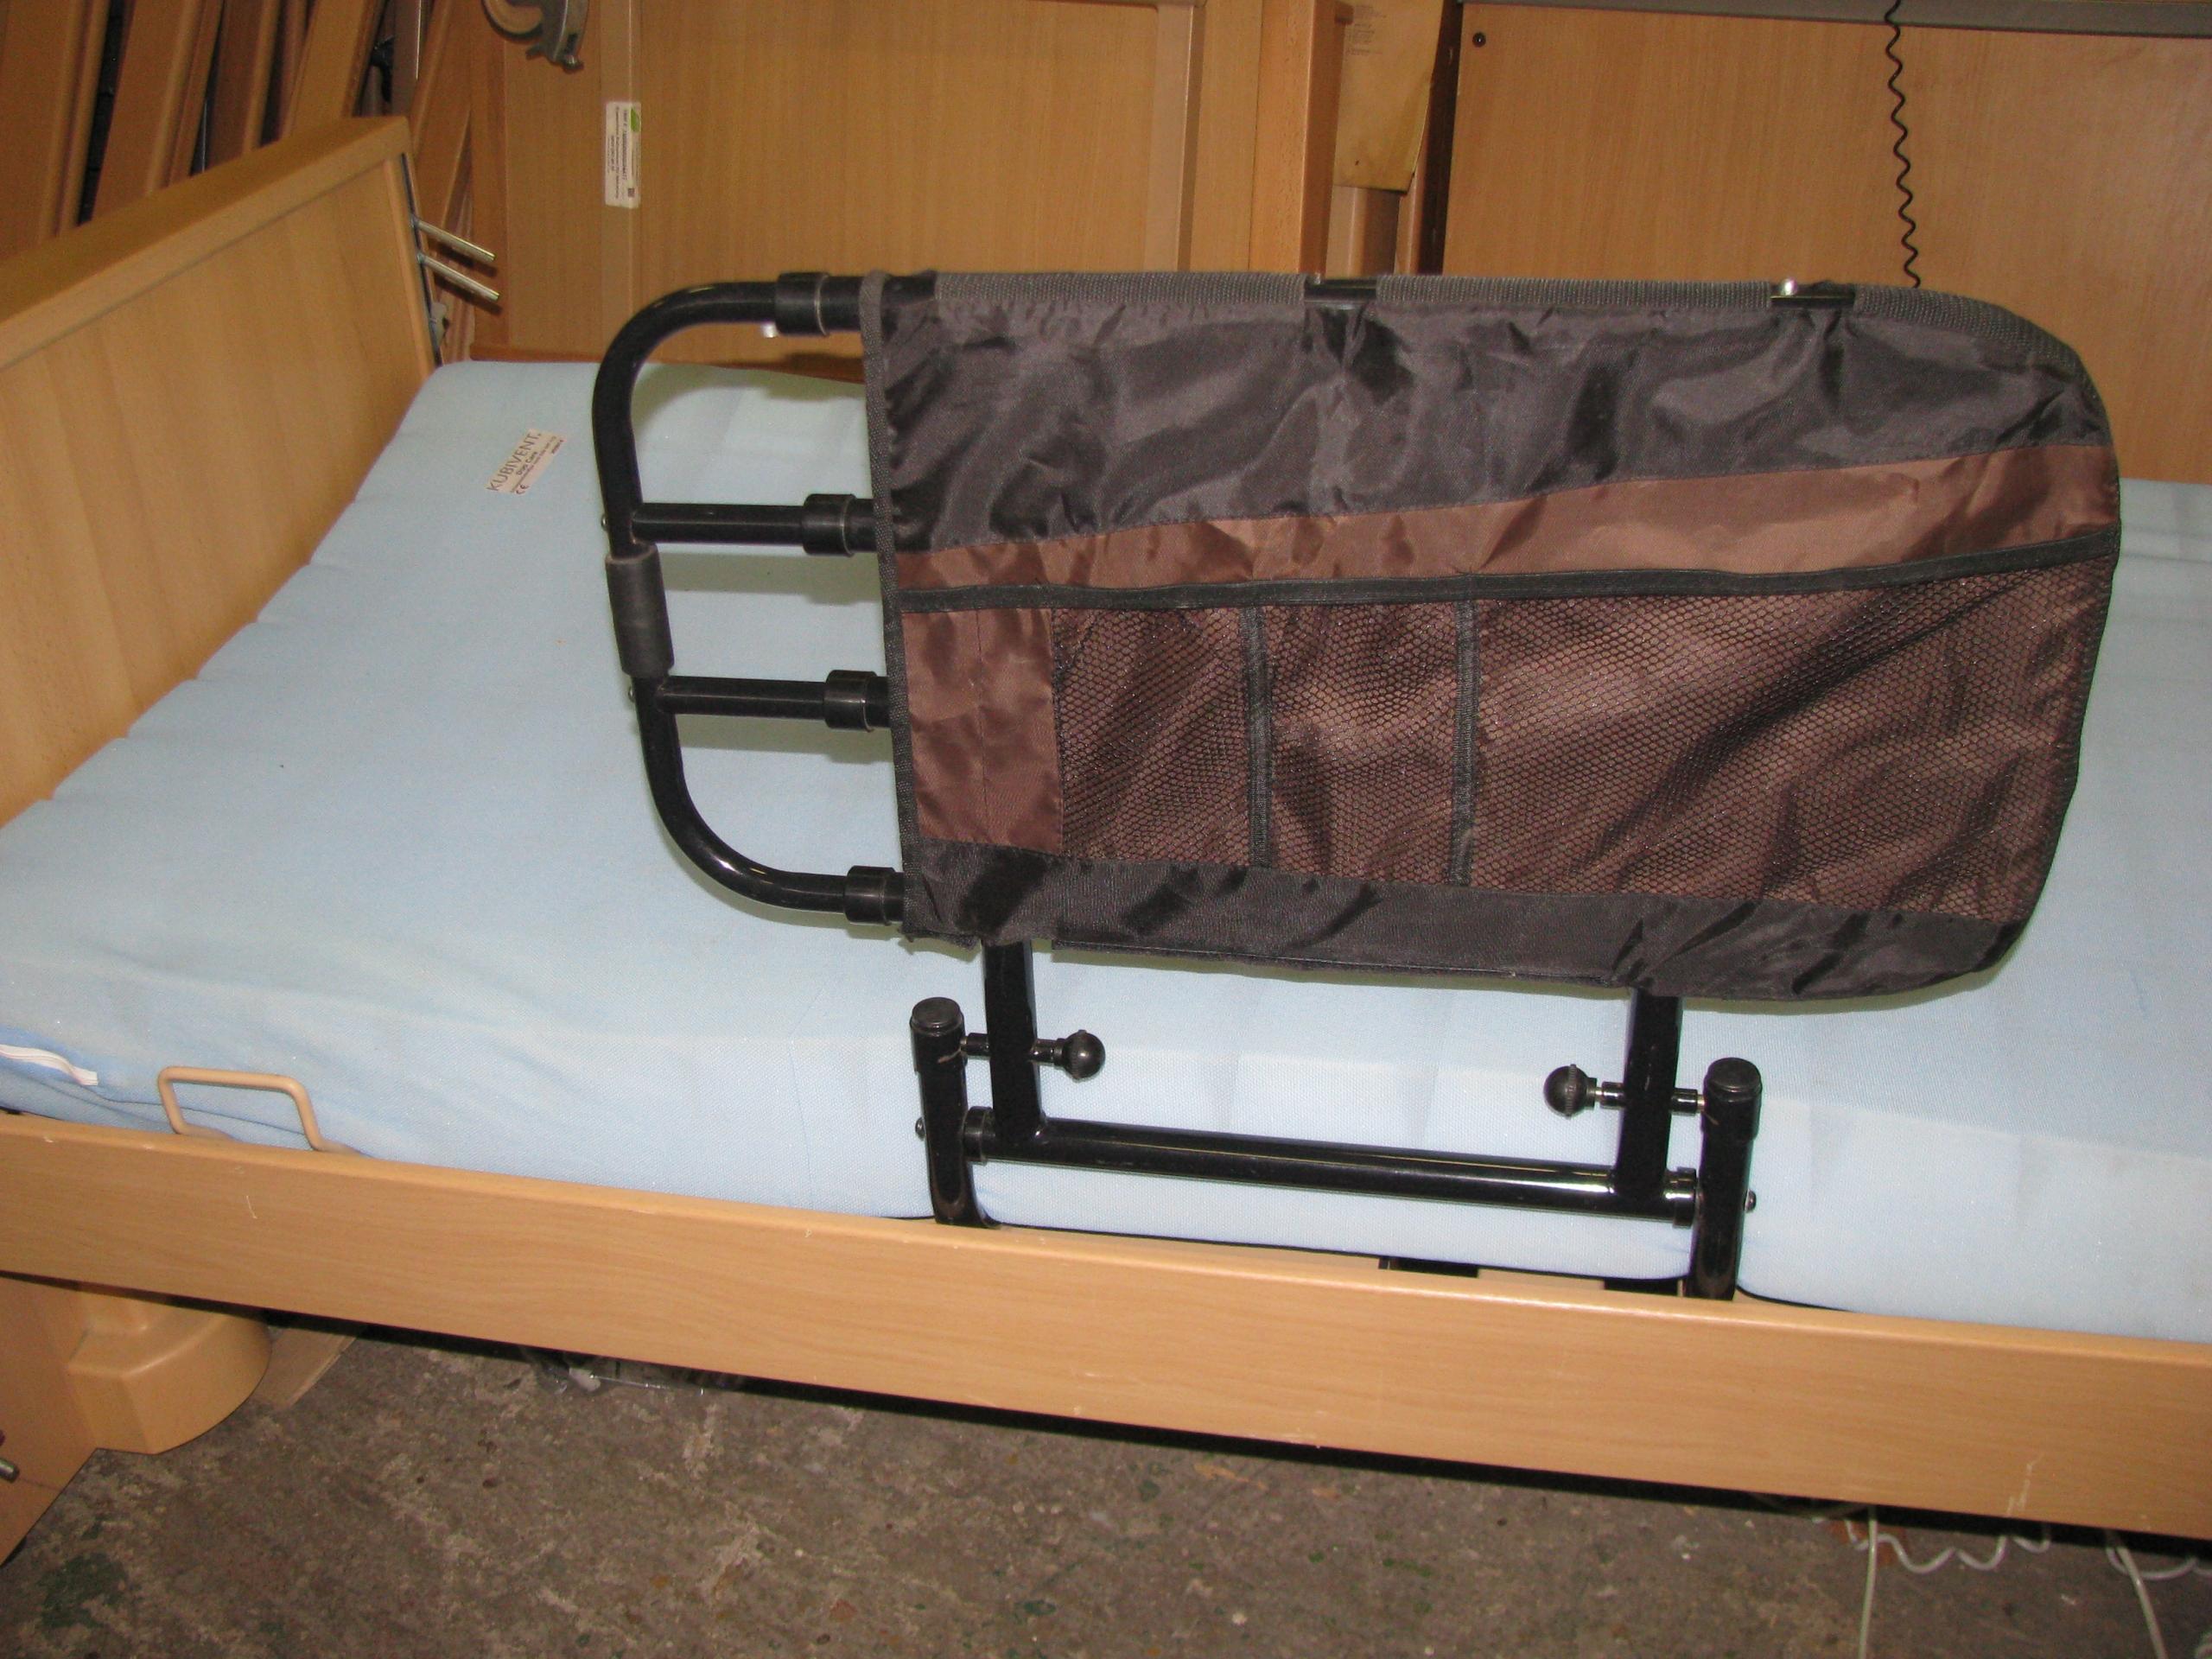 Barierka Do łóżka Rozsuwana Ułatwiająca Wstawanie